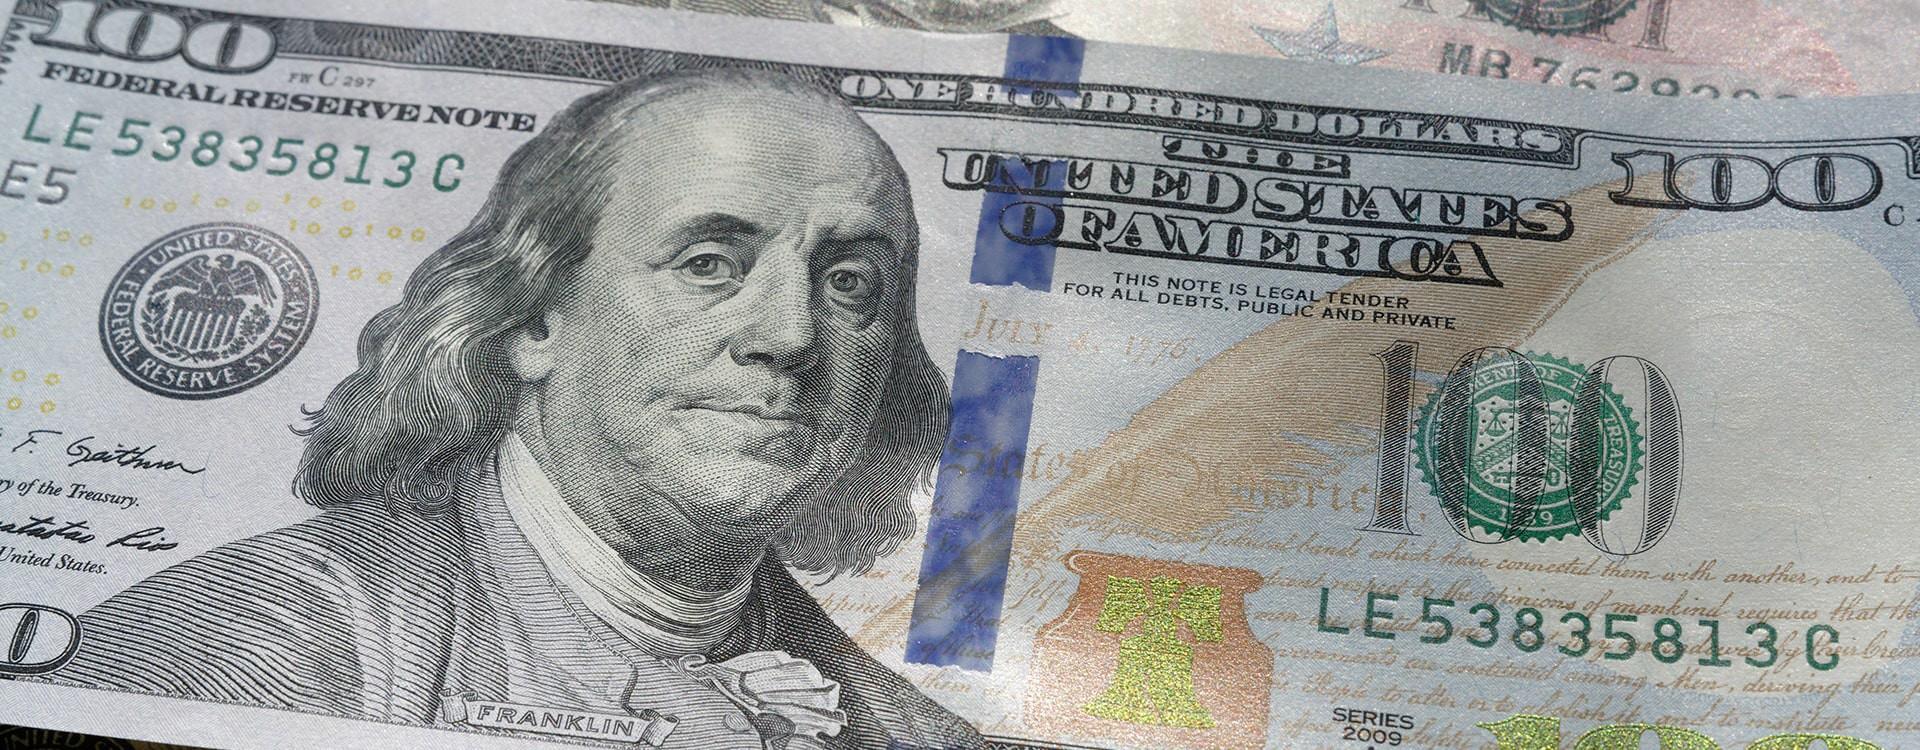 Pourquoi le dollar est la devise la plus utilisée dans le monde ?